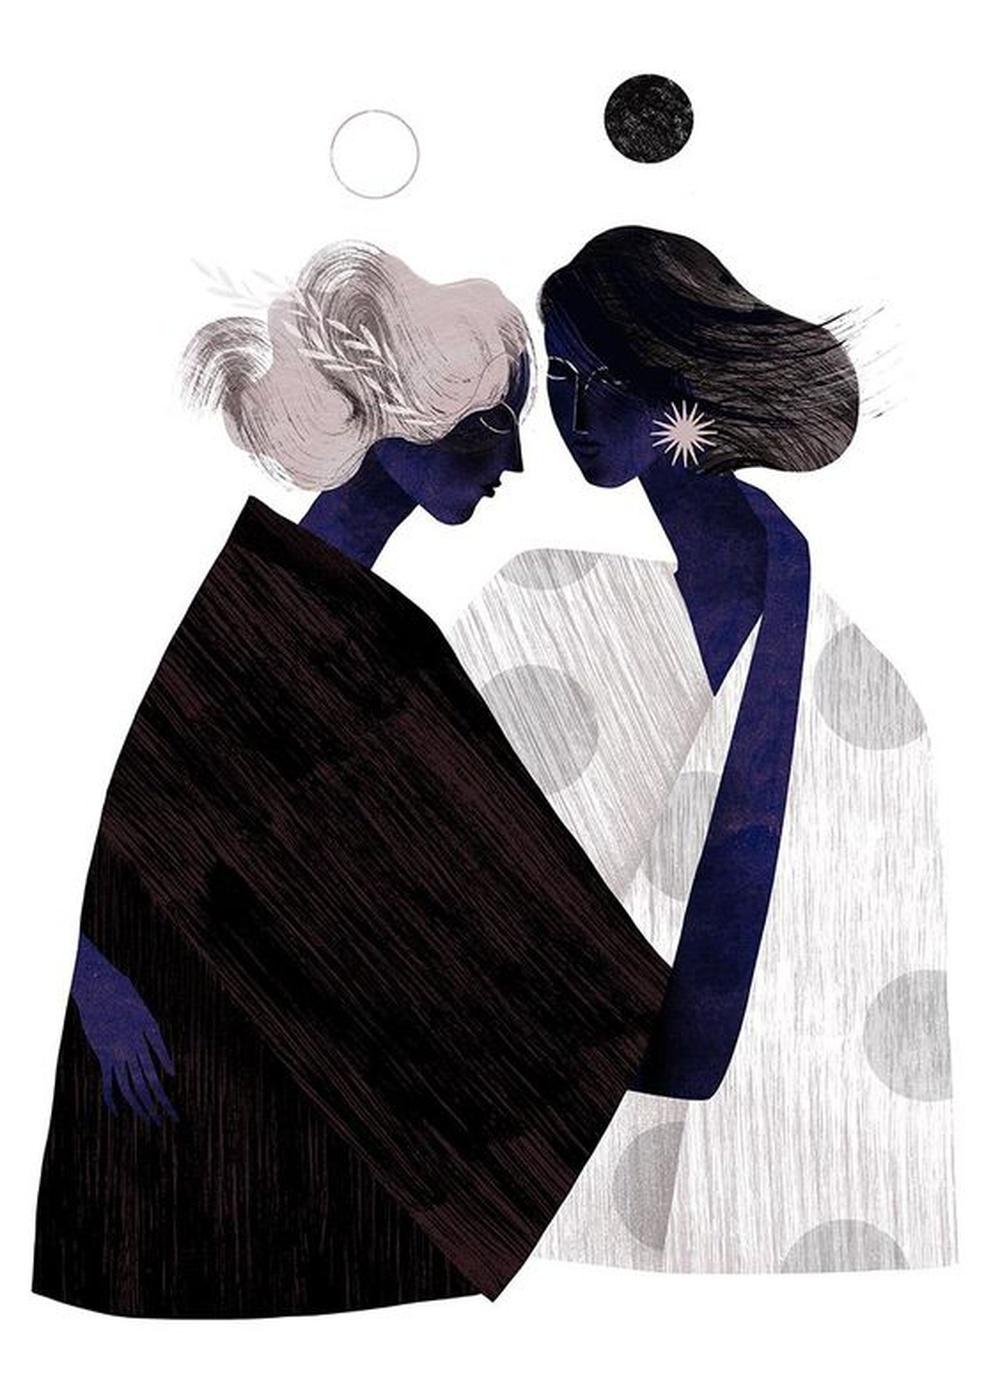 Amour et amitié s'entremêlent imperceptiblement